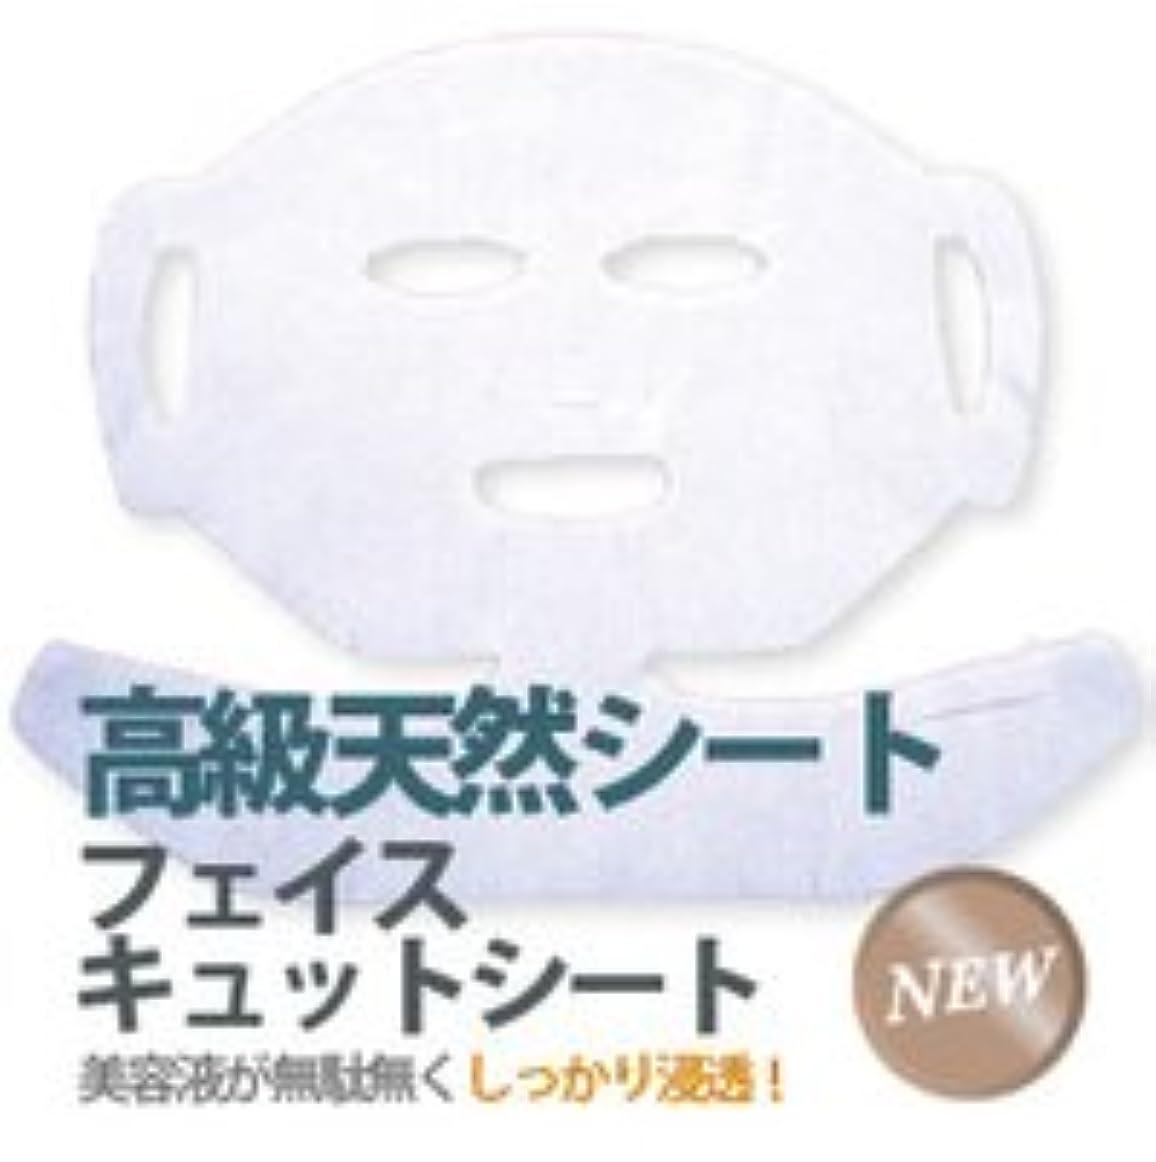 悔い改めるオフェンスいっぱいフェイスキュットシート 【100枚入】